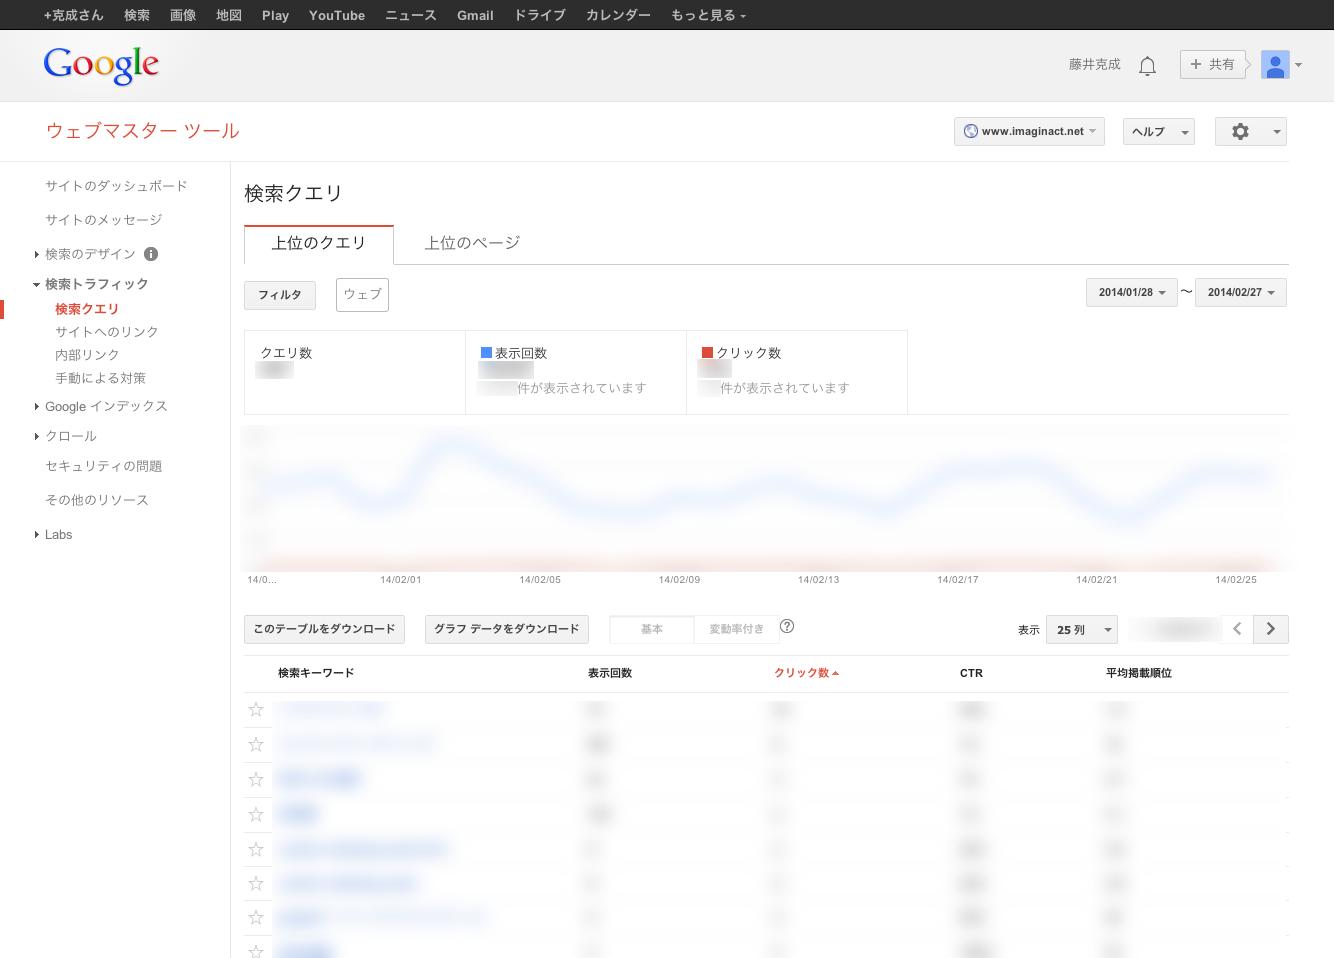 ウェブマスターツール-画面キャプチャ2